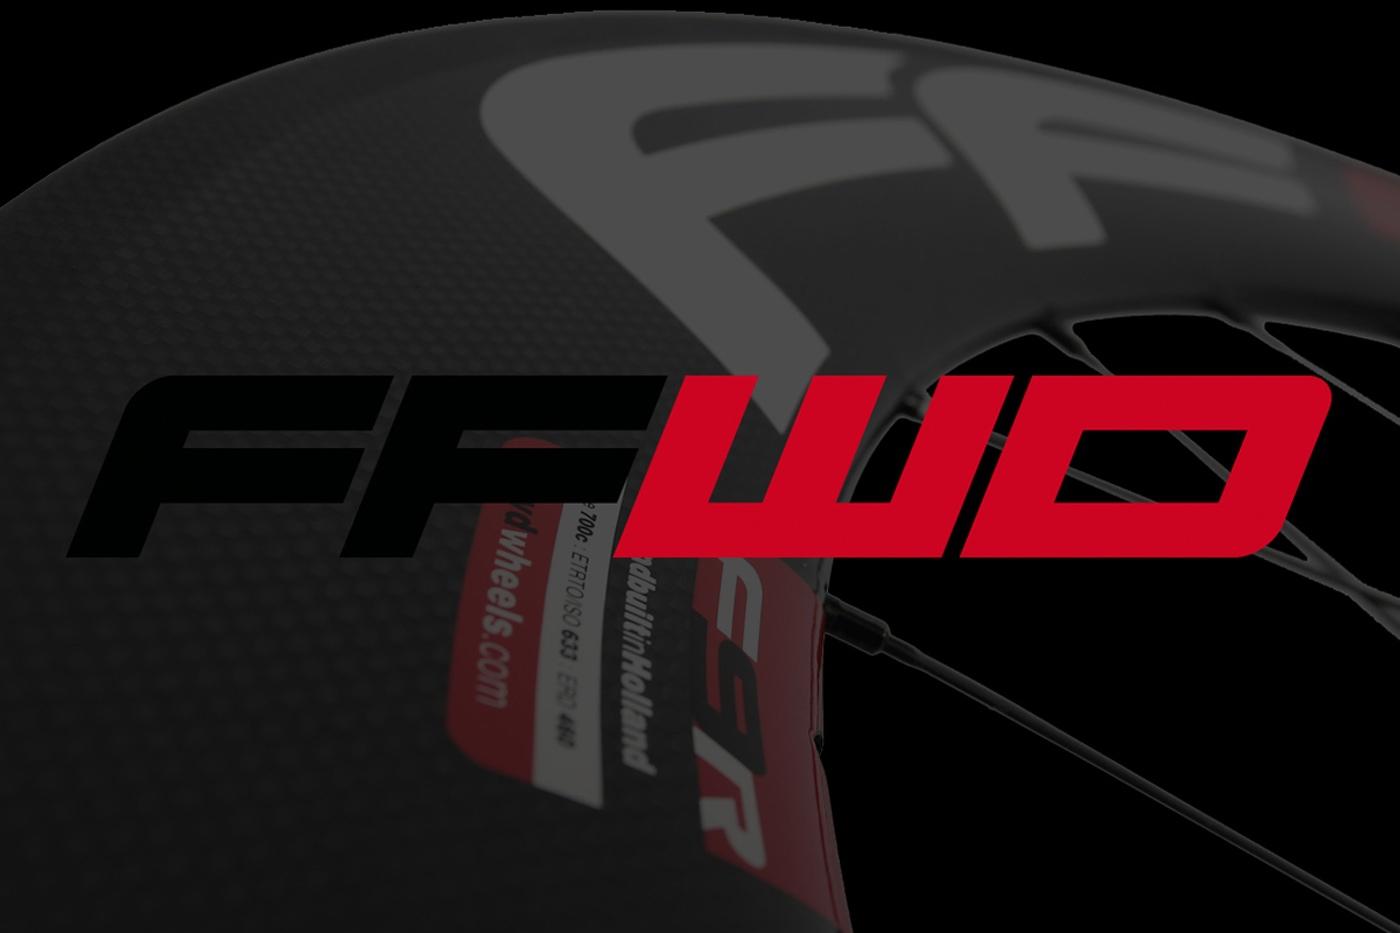 FFWD se une al catálogo de marcas de CicleOn